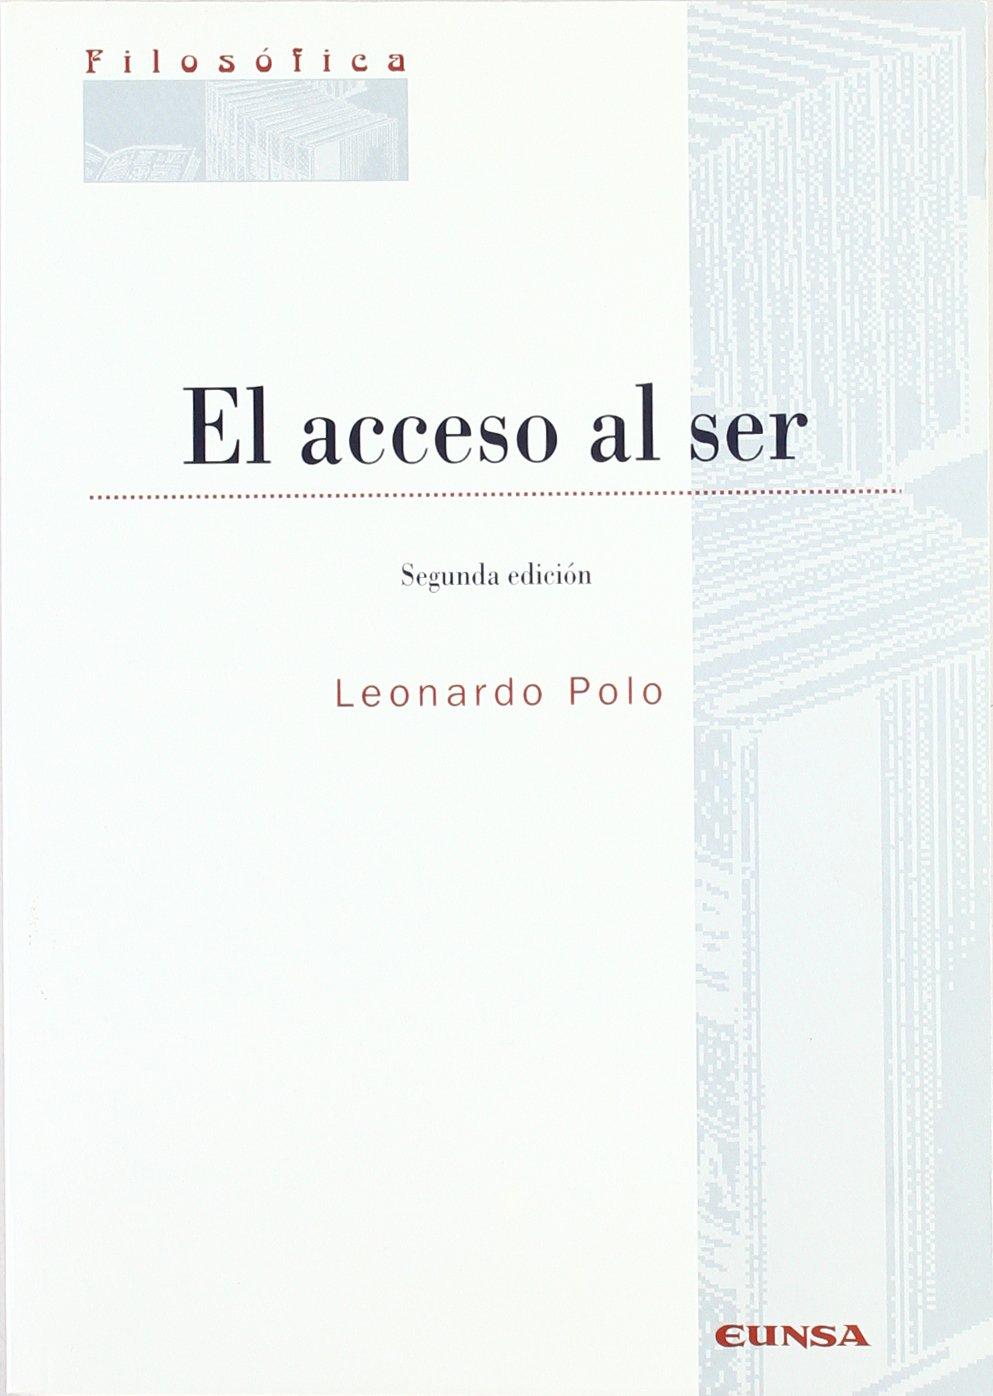 El acceso al ser (Colección filosófica): Amazon.es: Leonardo Polo ...